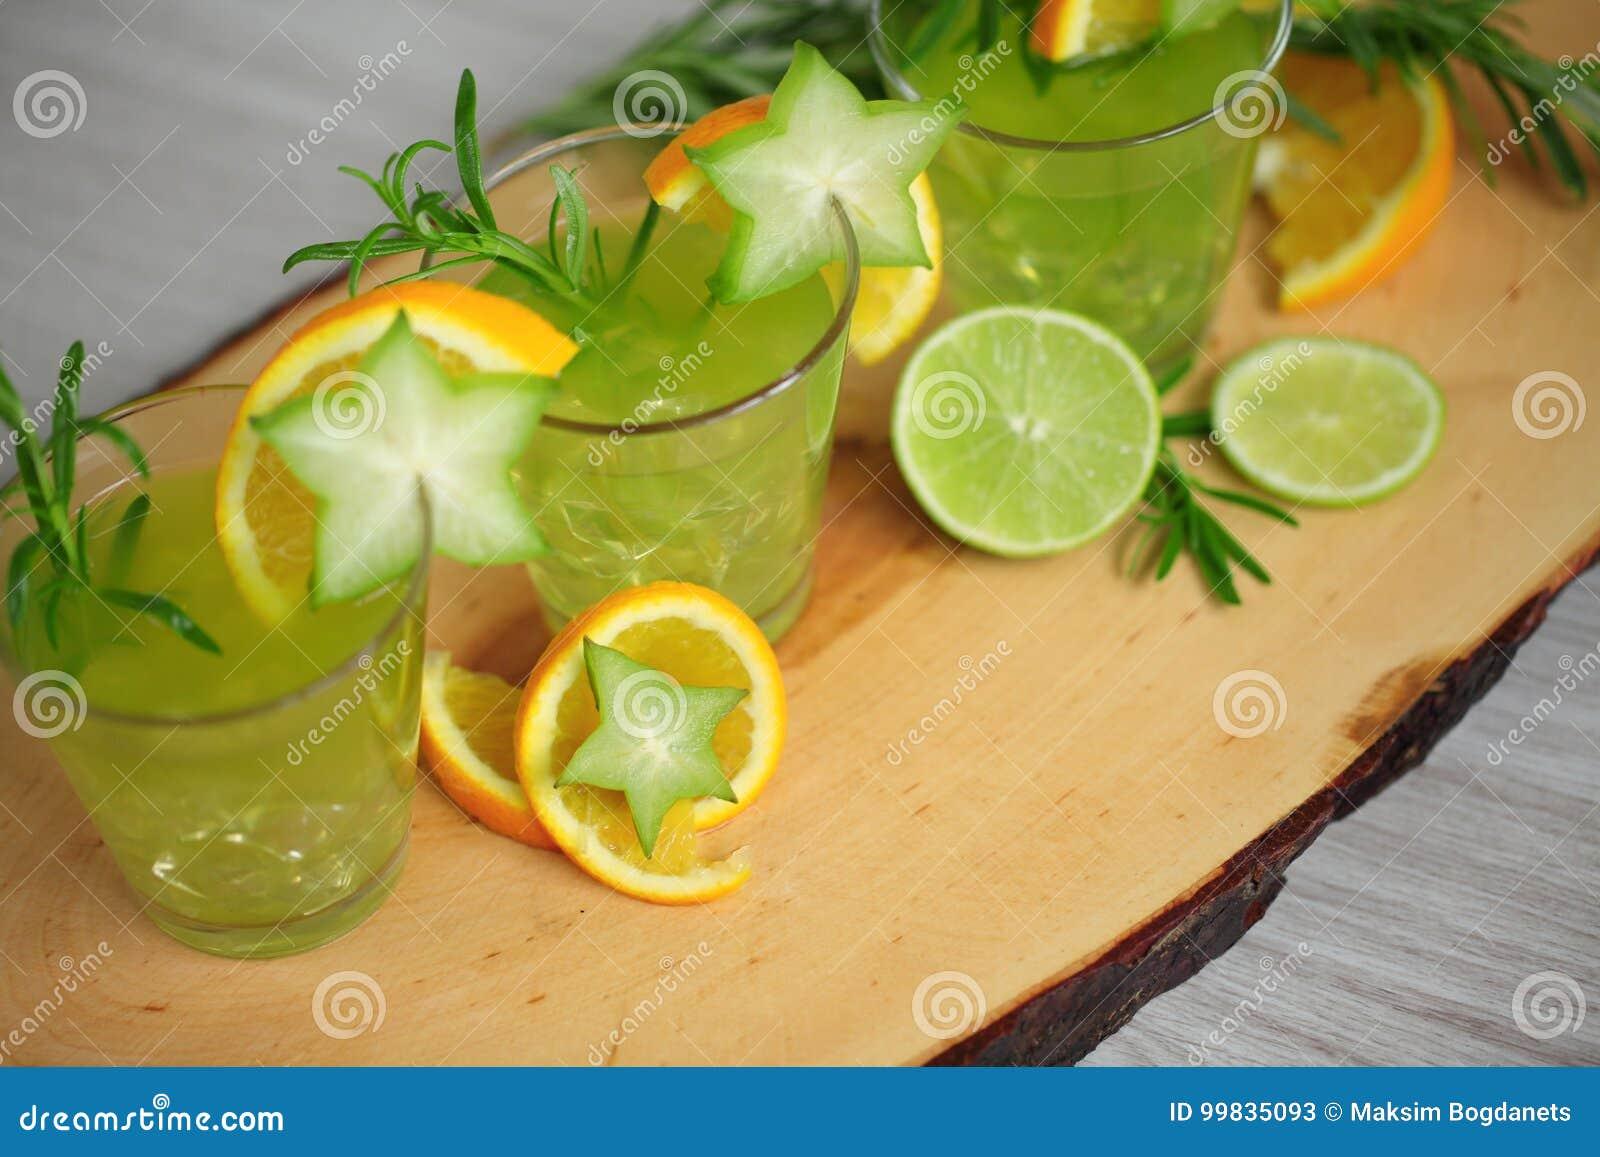 Standink vert de trois cocktails sur le bois, décoré de l orange, du carambolier, de la chaux et du romarin Préparez pour party